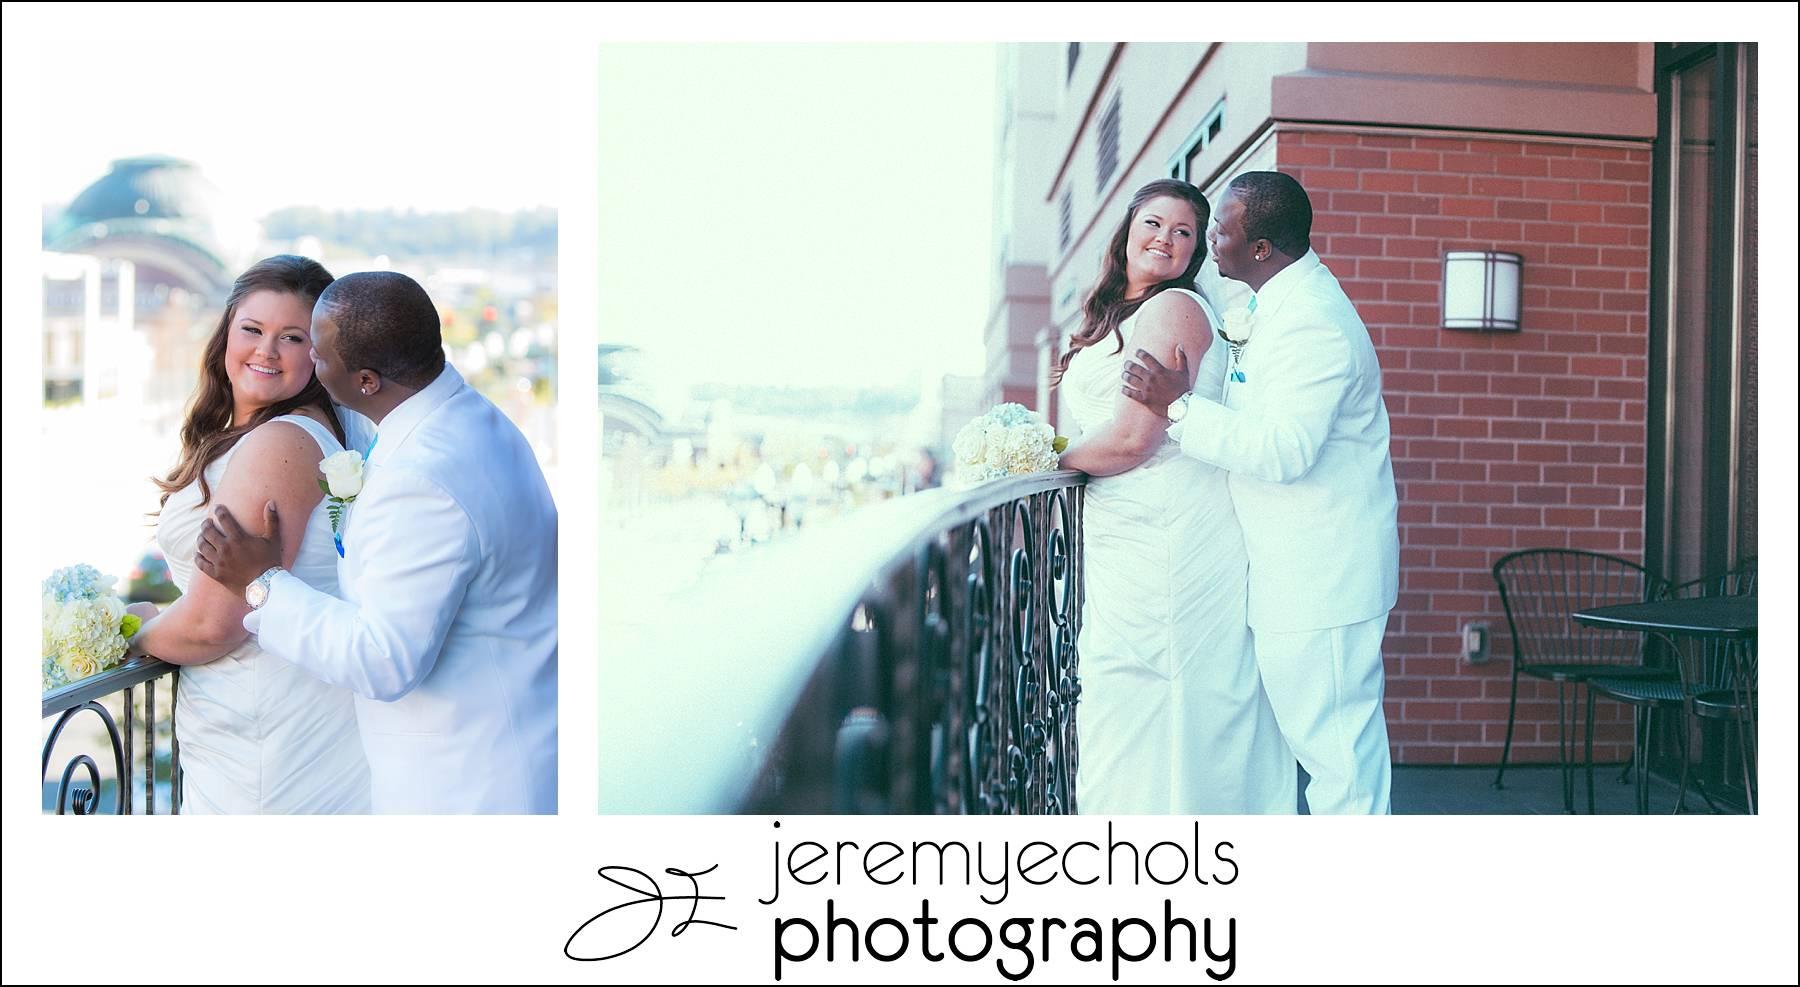 Marcus-Chelsea-Tacoma-Wedding-Photography-404_WEB.jpg